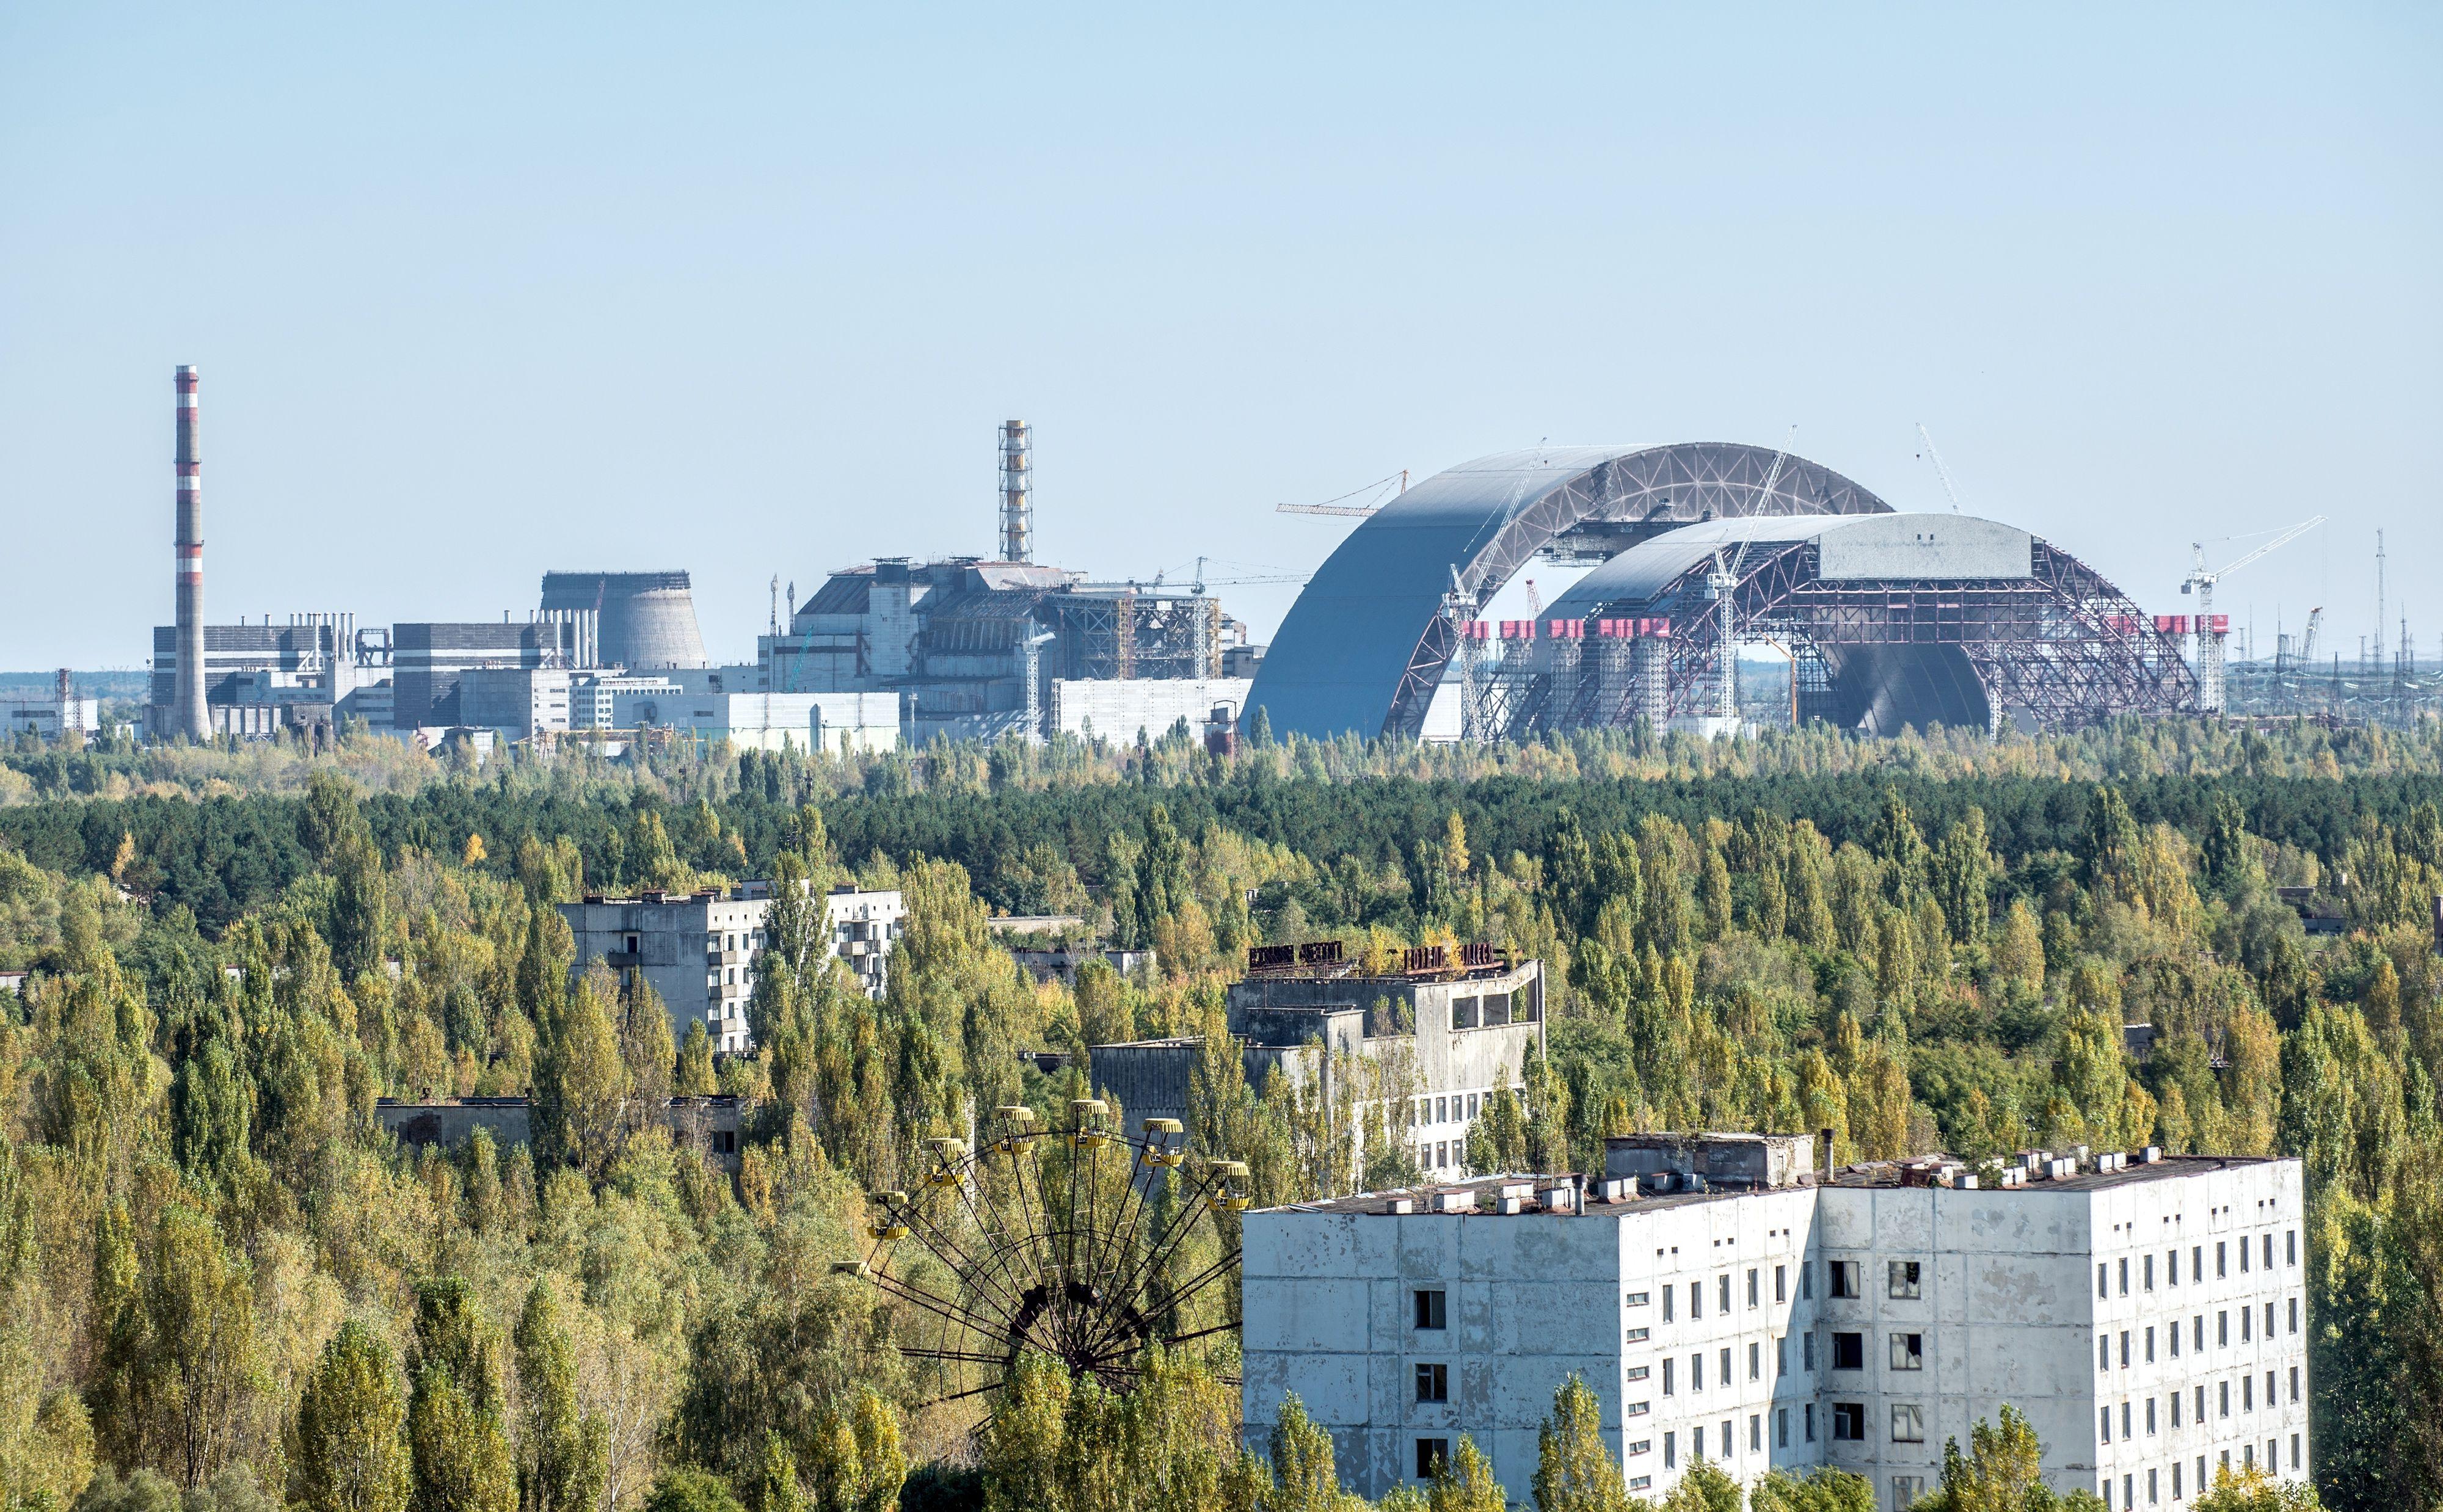 Arbeiderne i kraftverket og familiene deres var privilegerte sett med sovjetiske øyne, og de fleste bodde i Pripjat (i forgrunnen) som ble bygd for dem. Den ble påbegynt i 1970 i naturskjønne omgivelser ved elva med samme navn. I dag har naturen tatt tilbake det aller meste.